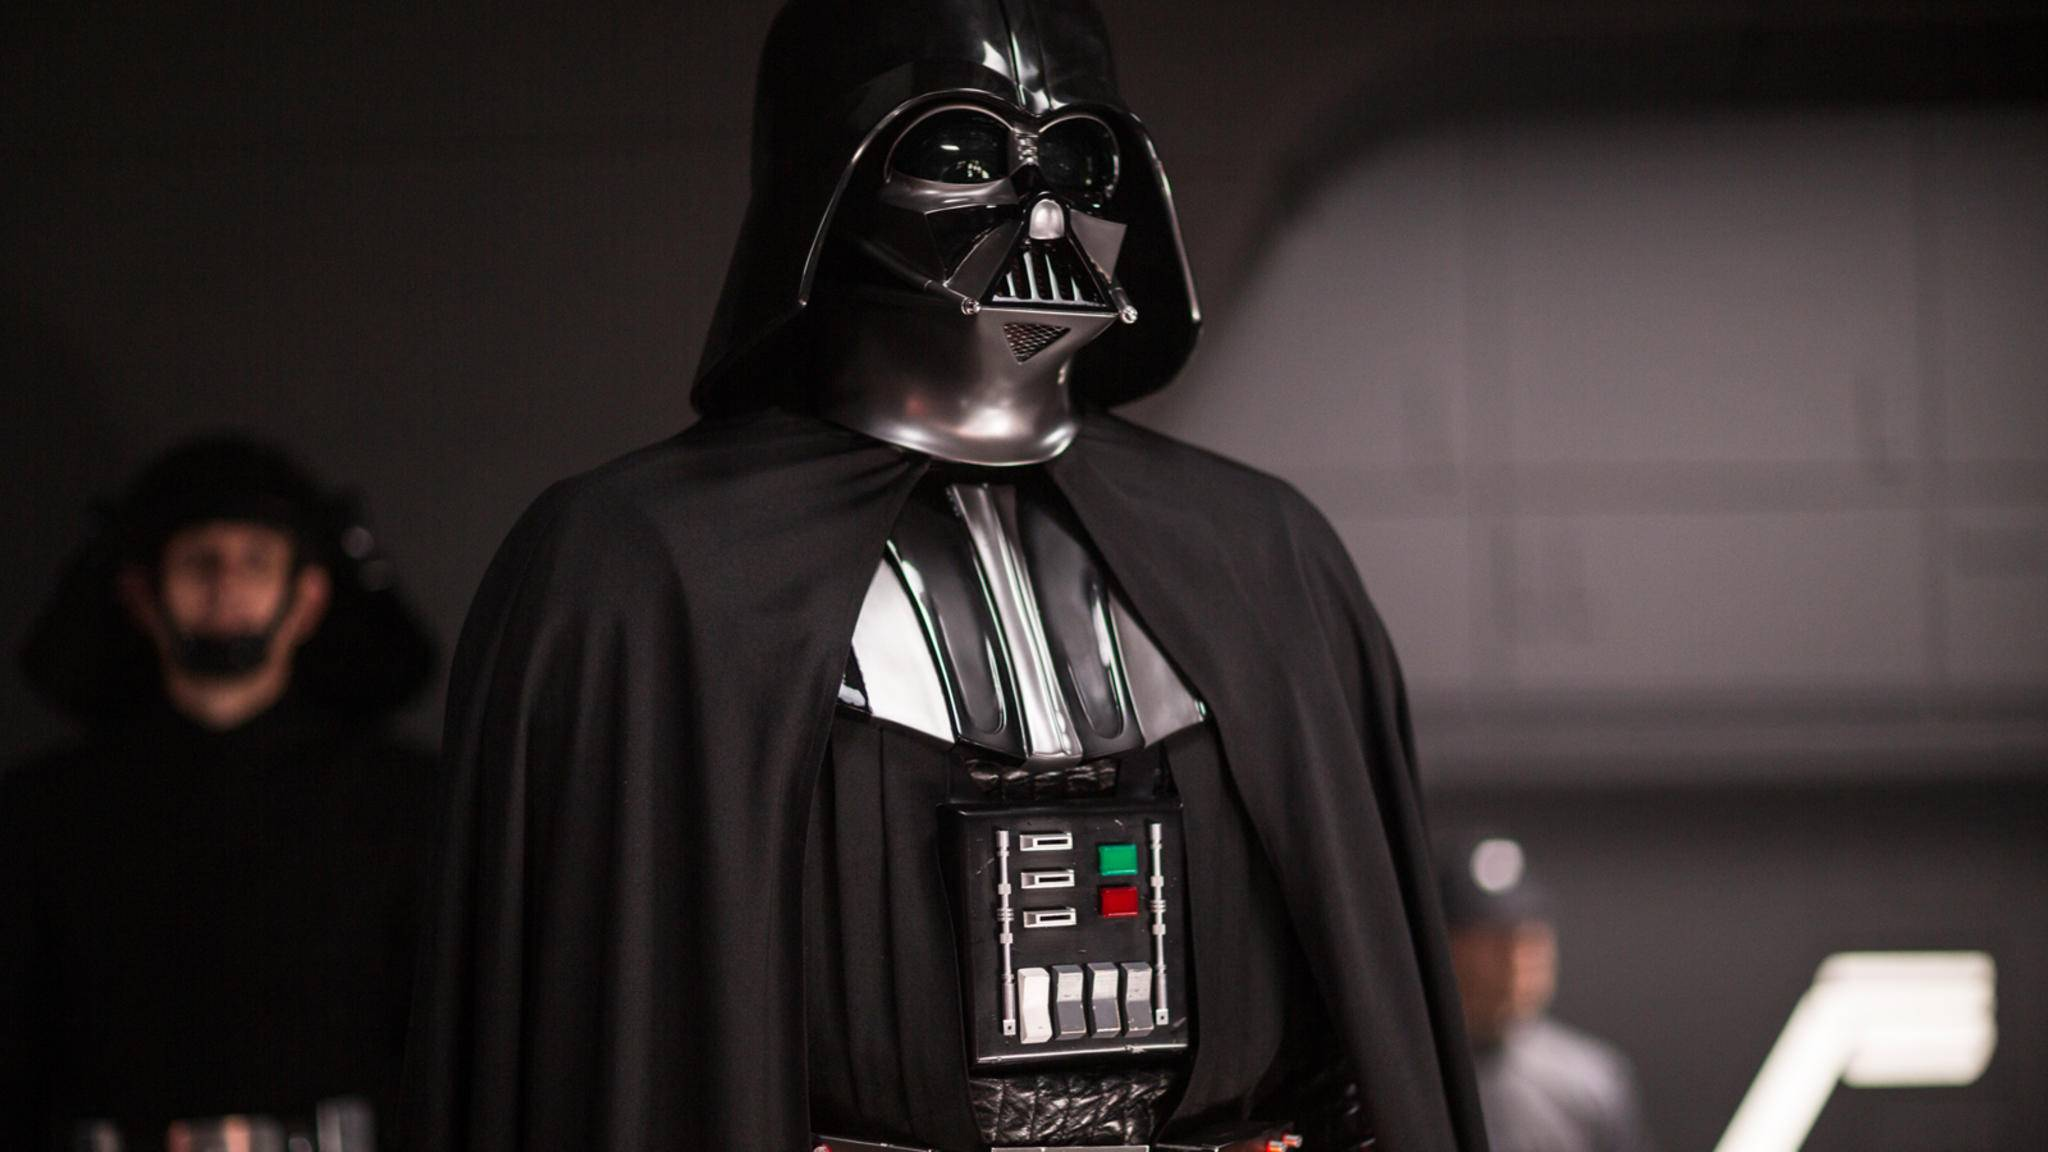 """Einen der dramatischsten Plot-Twists lieferte ohne Zweifel """"Star Wars""""."""